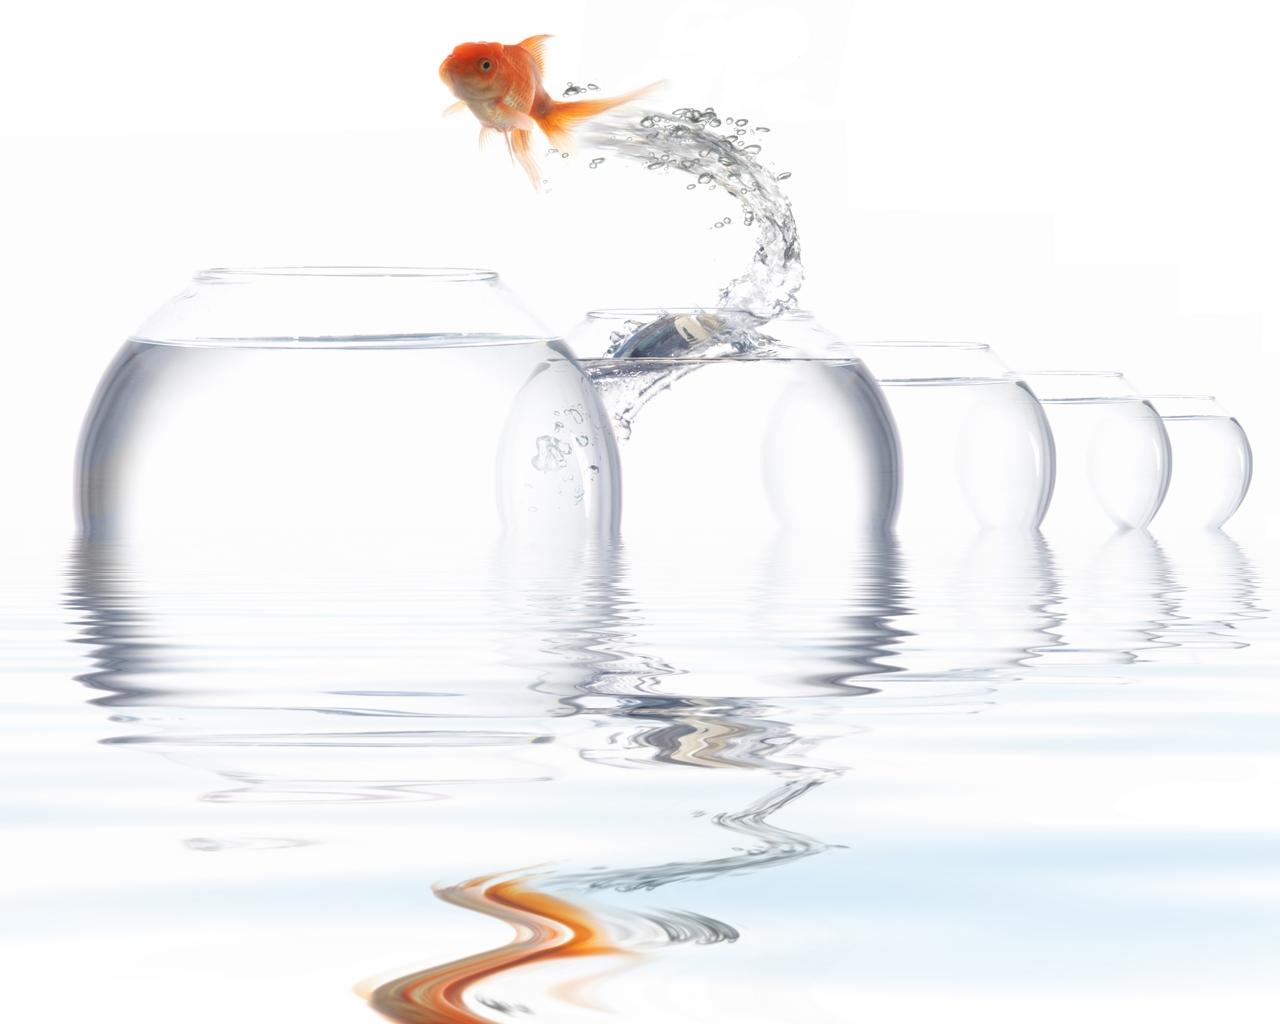 Masaüstü çizim Boyama Illüstrasyon Su Balık Içki şişe